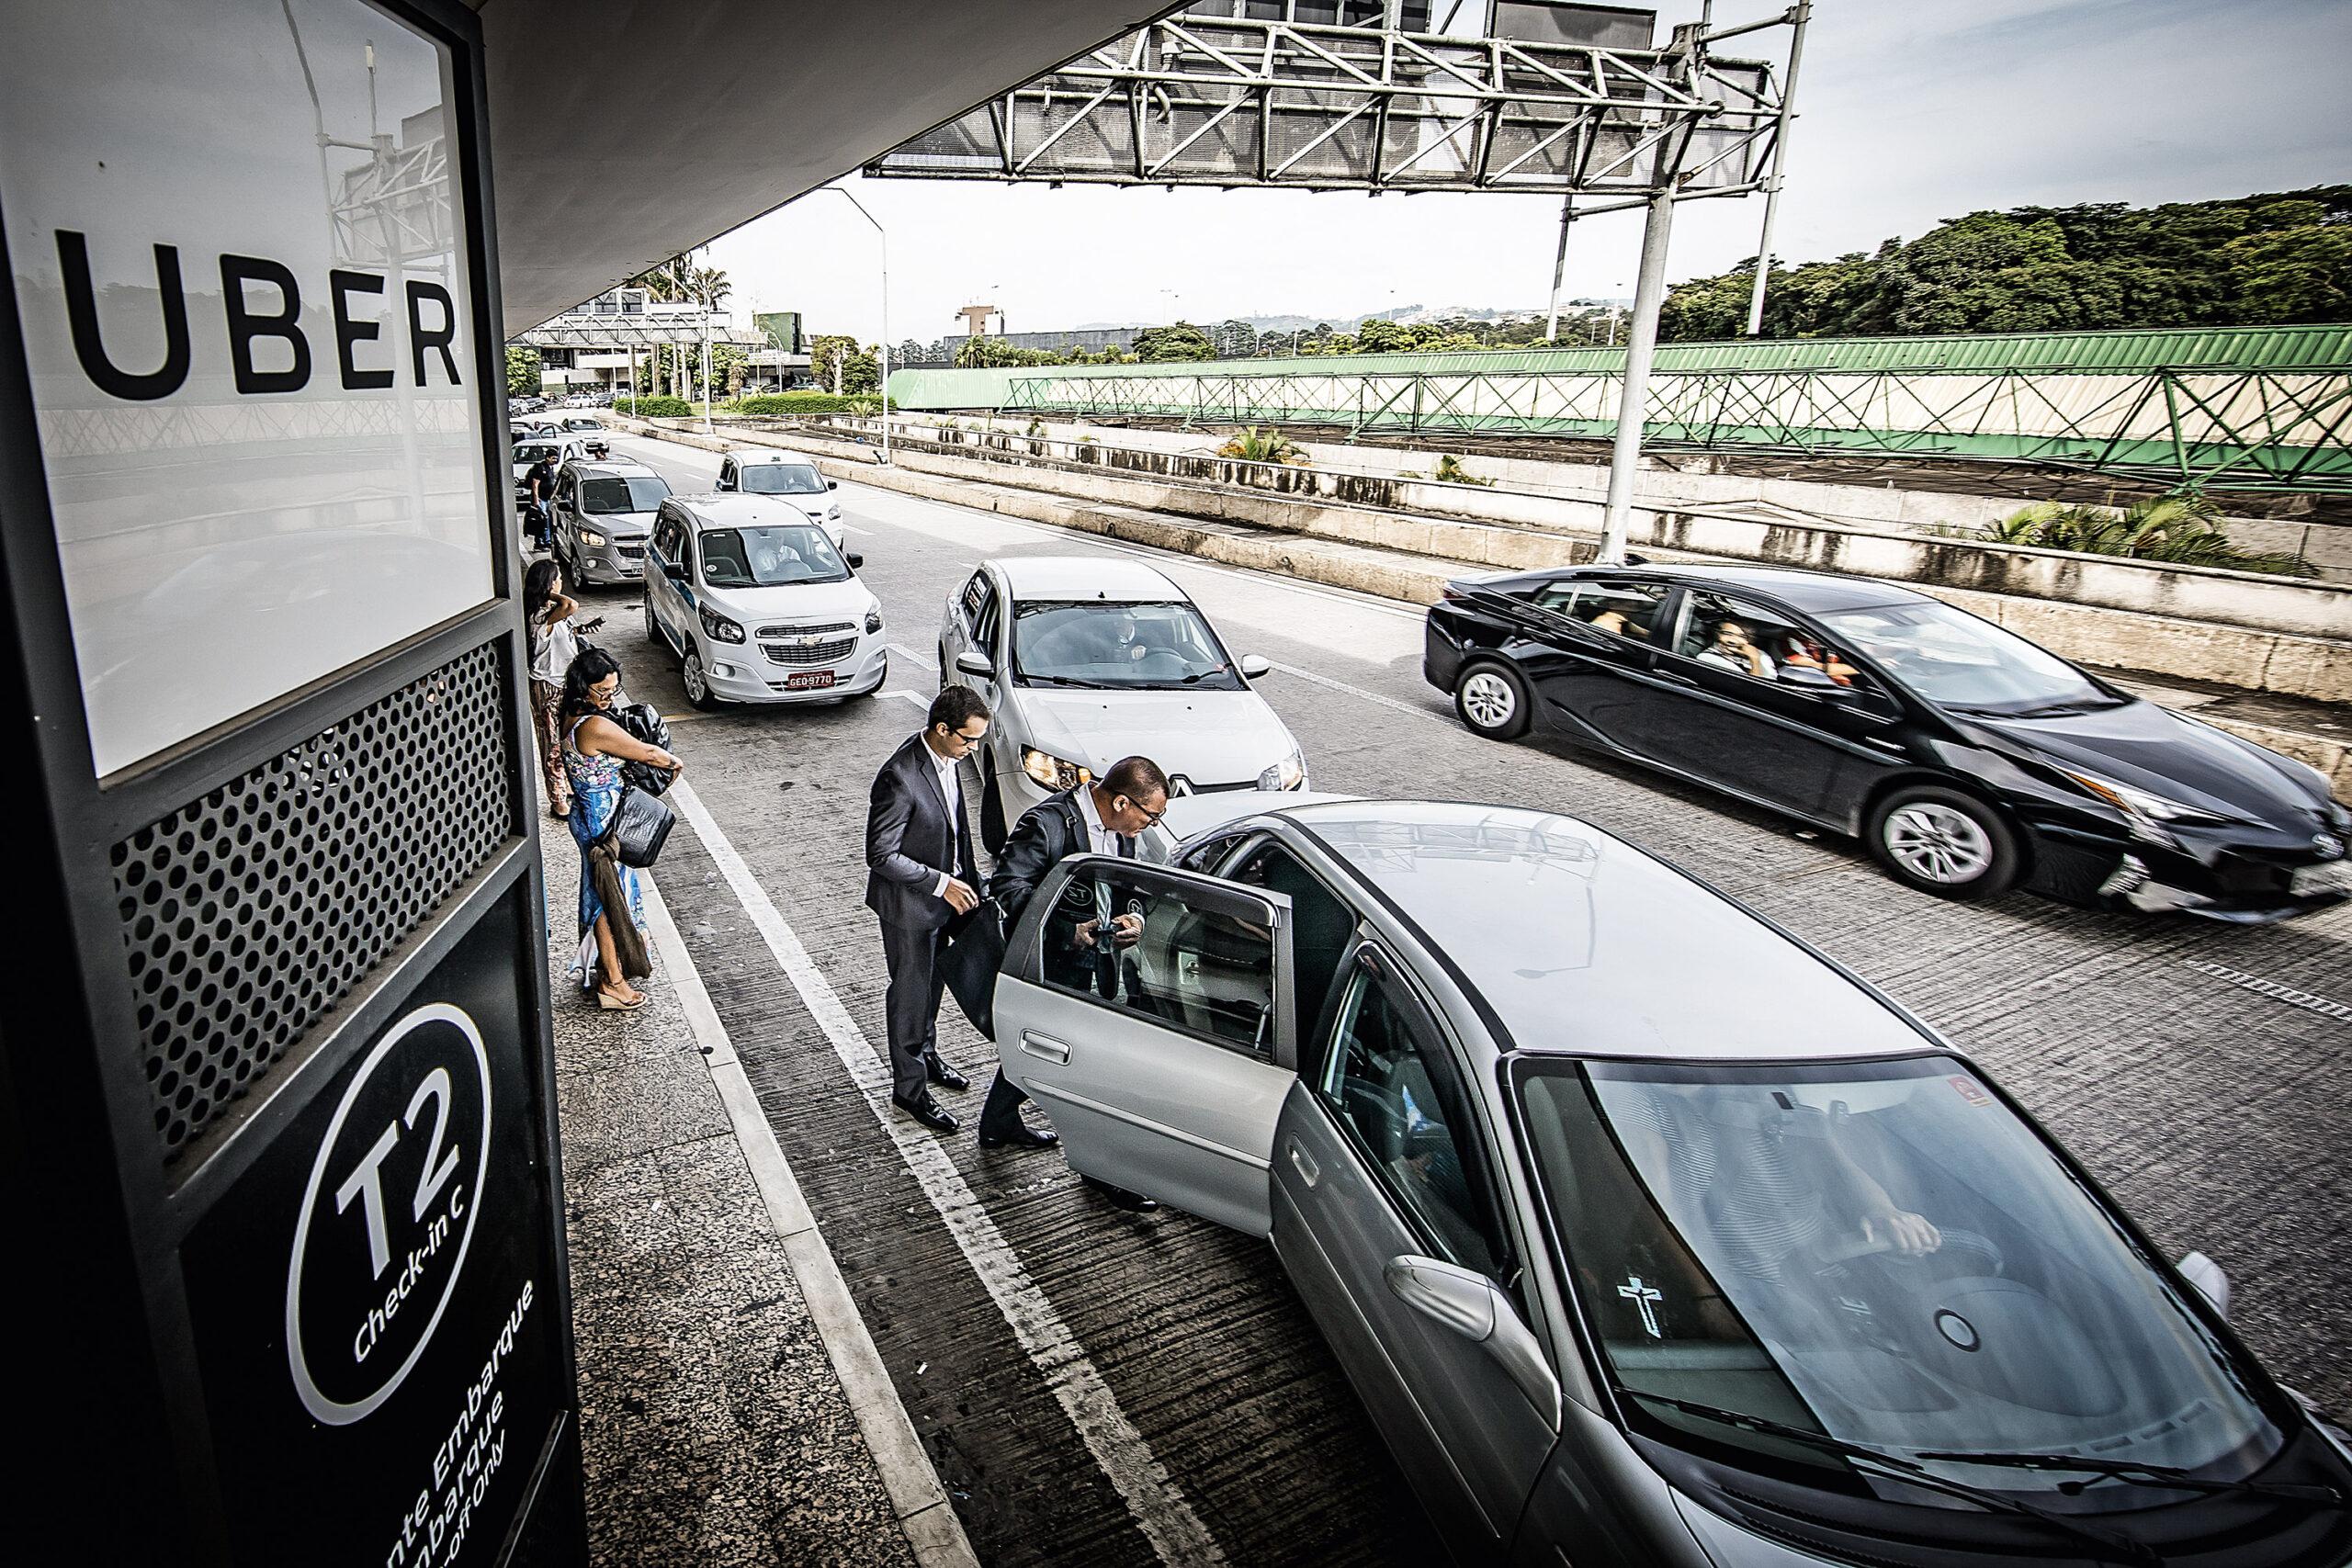 Vagas de estacionamento: existem vagas  para taxistas e para motoristas de aplicativos?